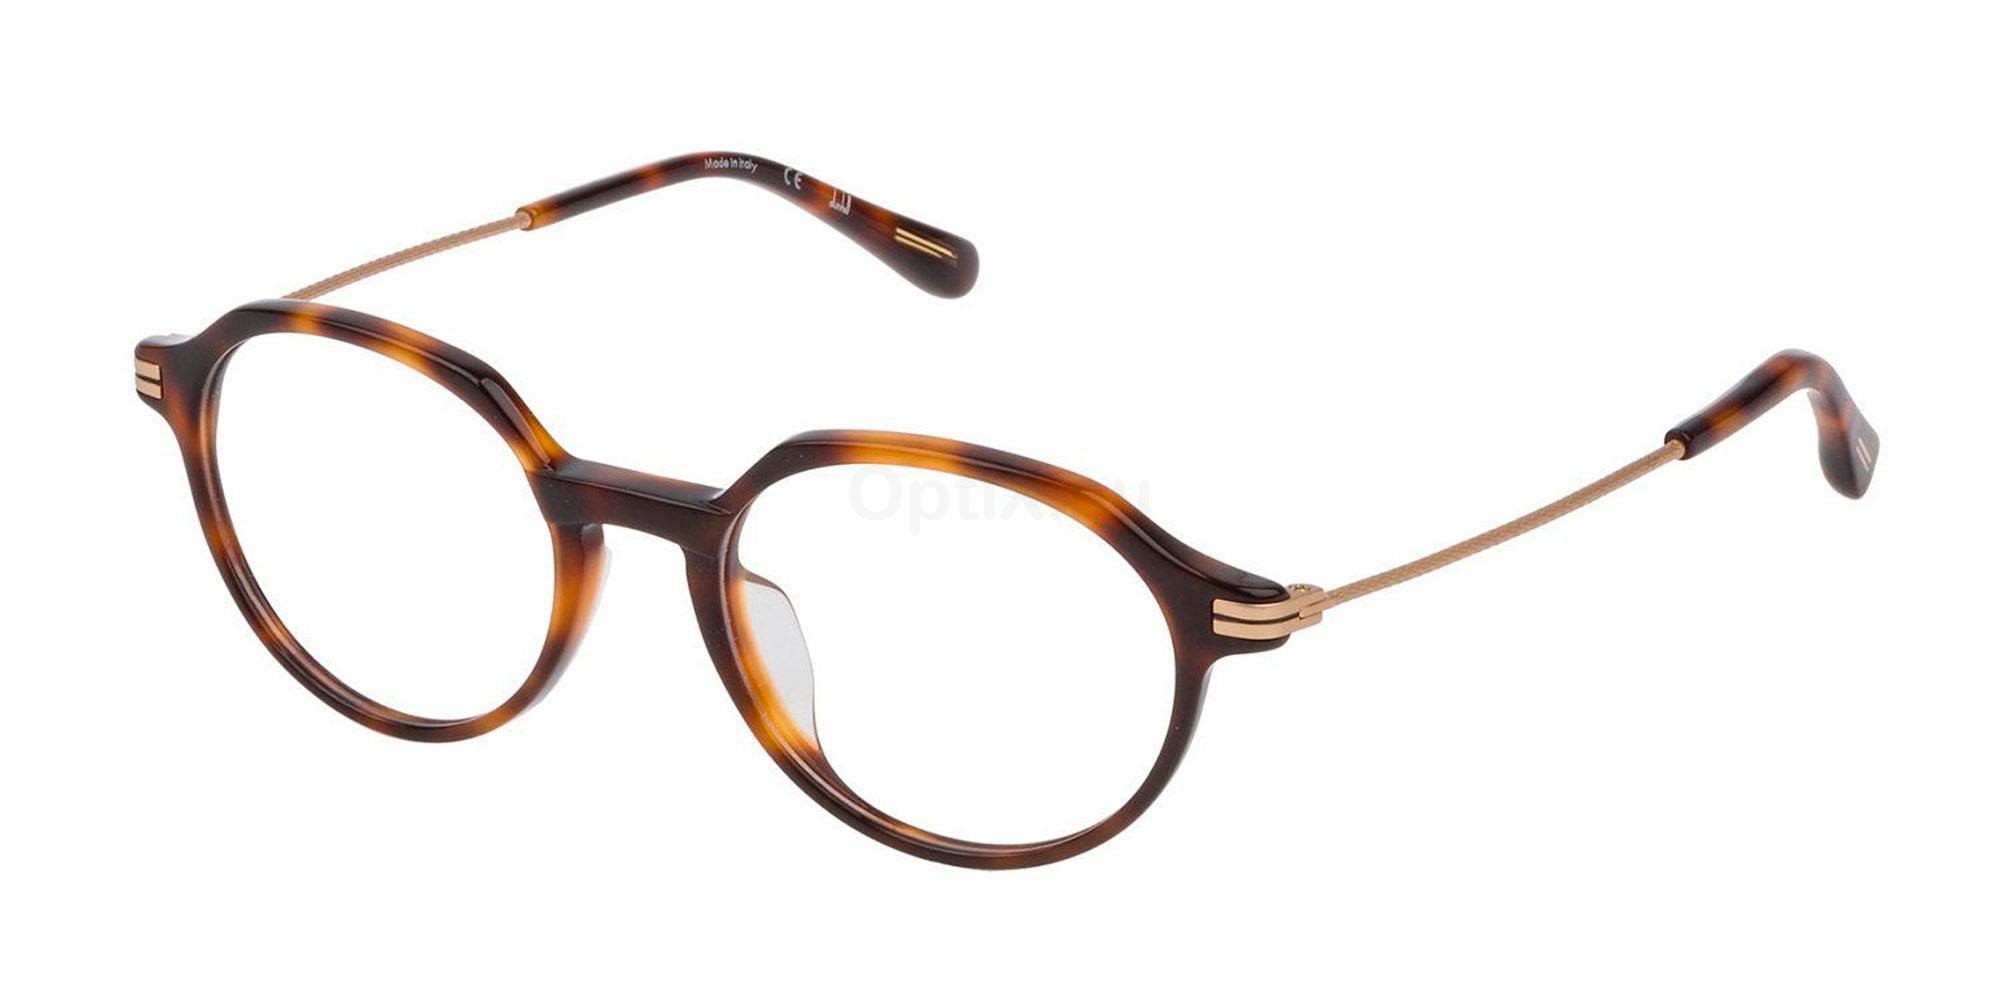 01AY VDH116G Glasses, Dunhill London